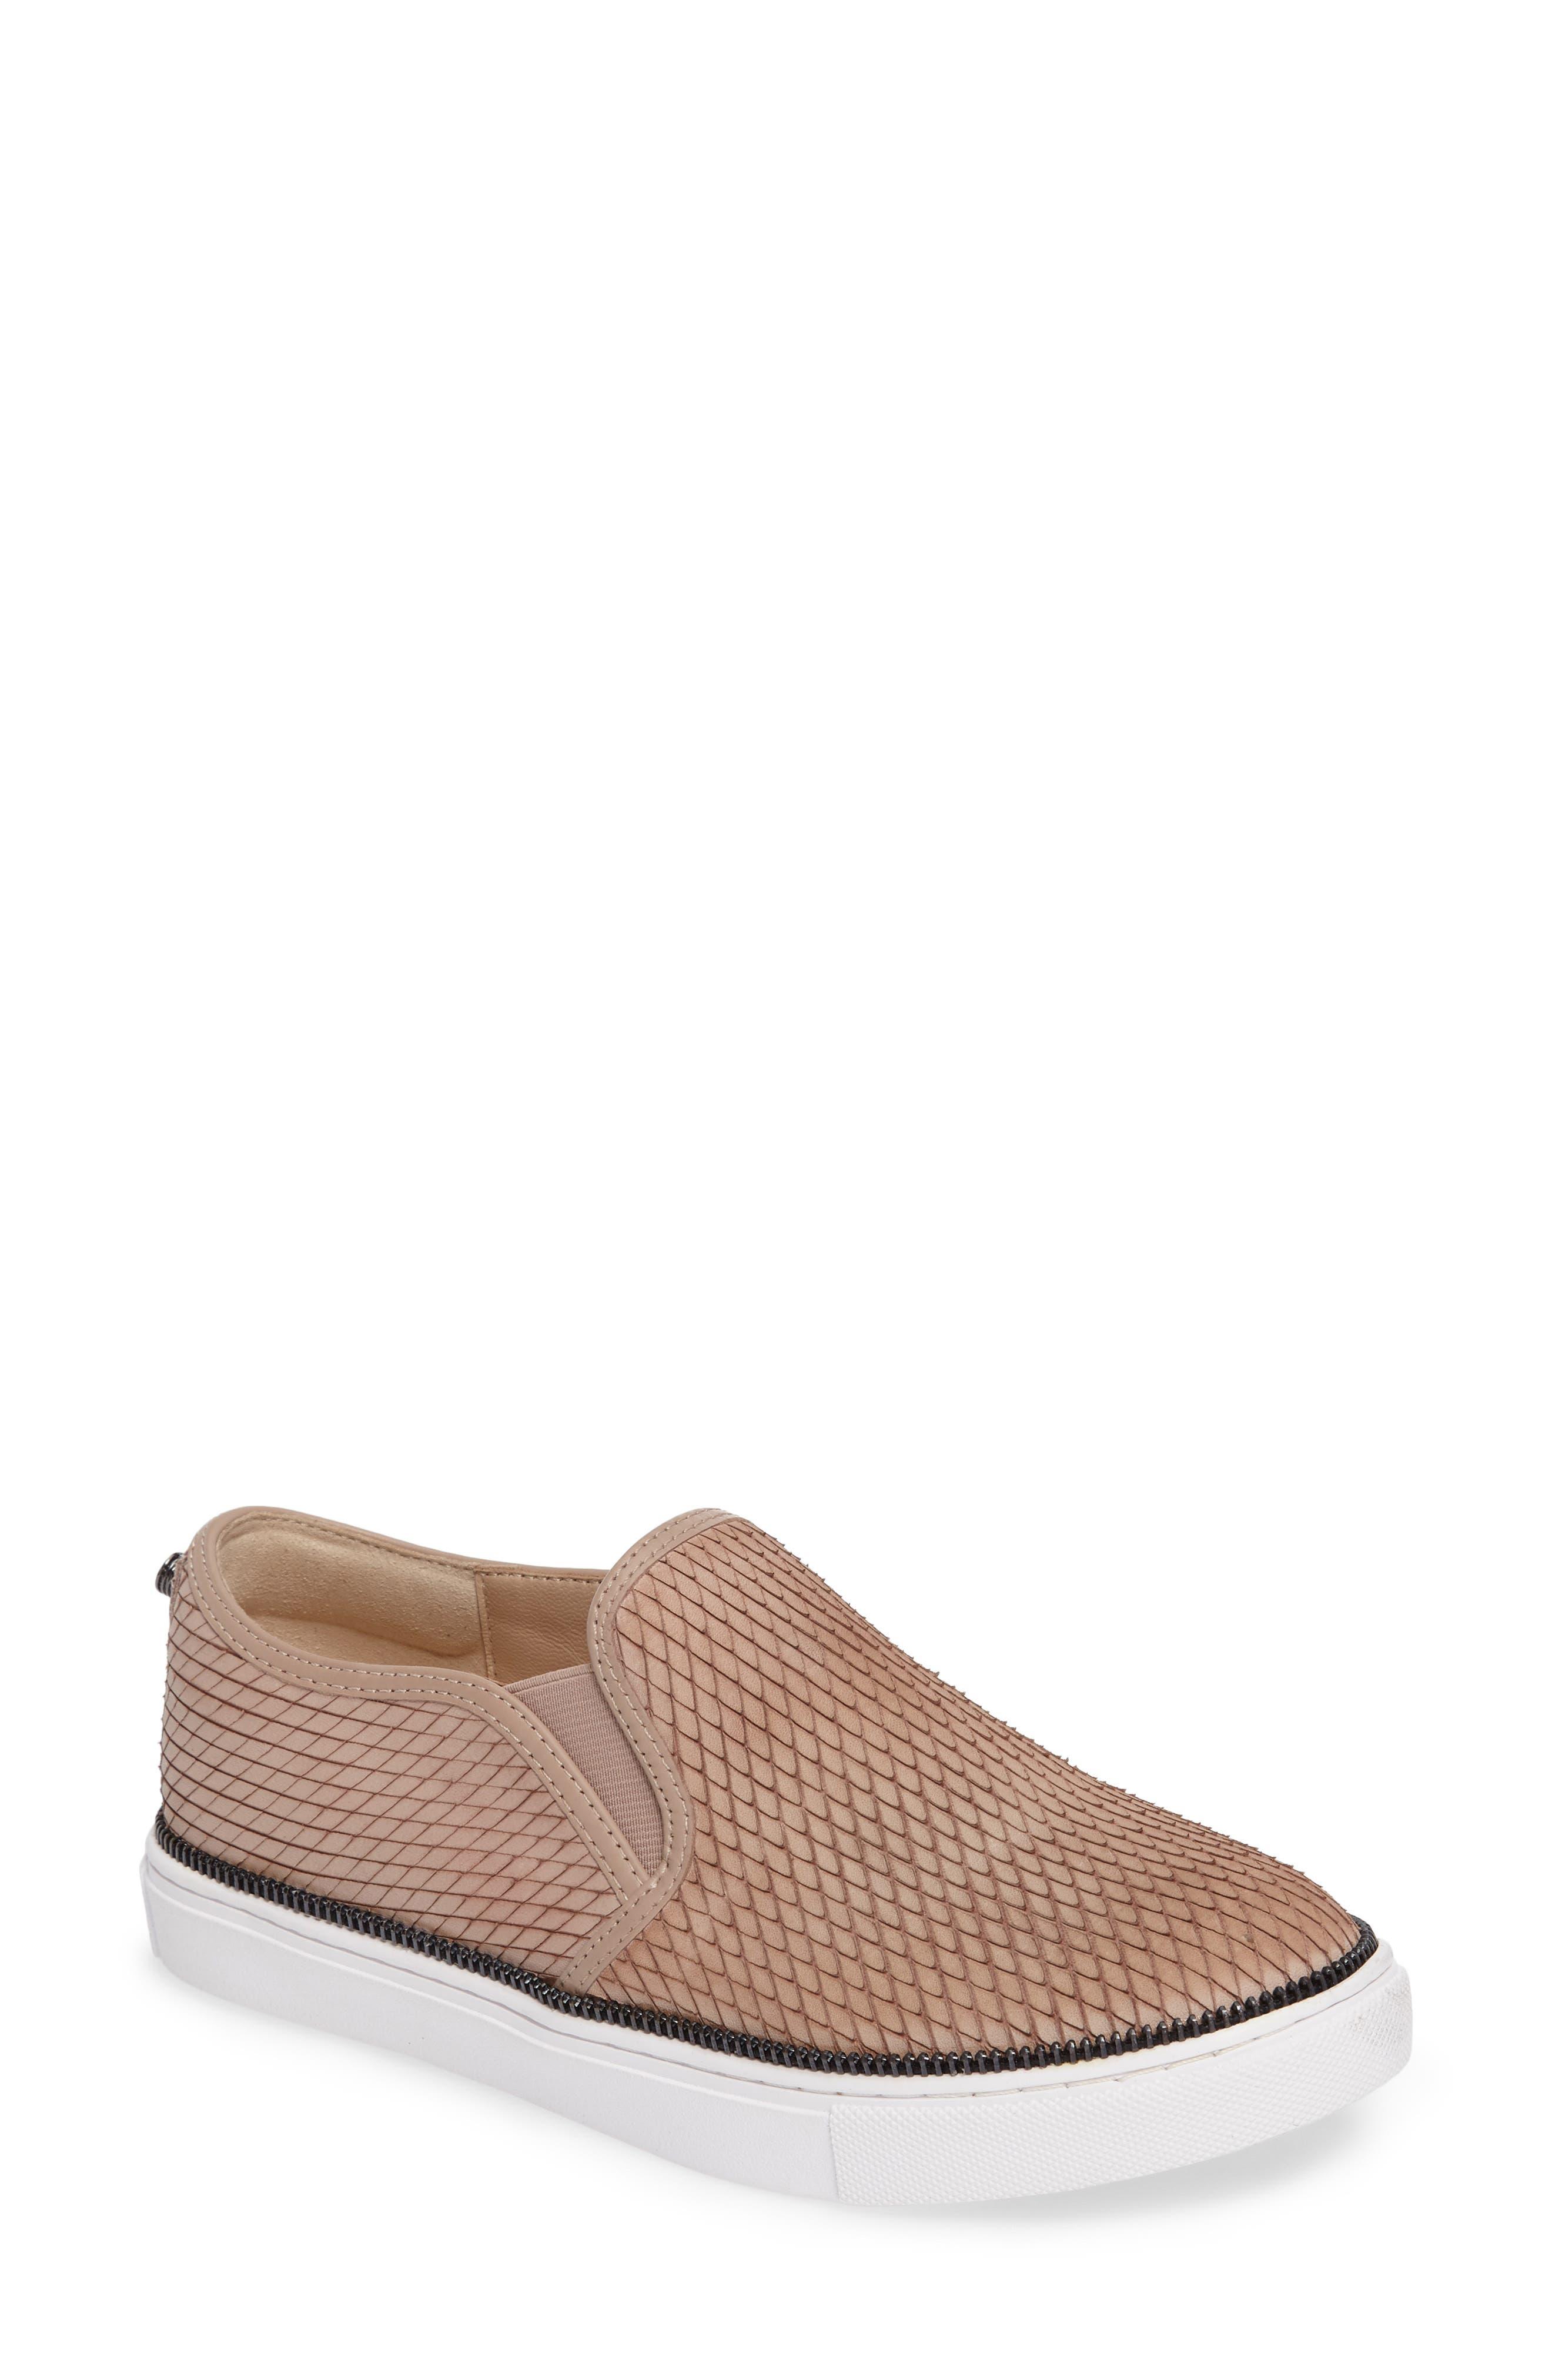 Harper Slip-On Sneaker,                         Main,                         color, Blush Snake